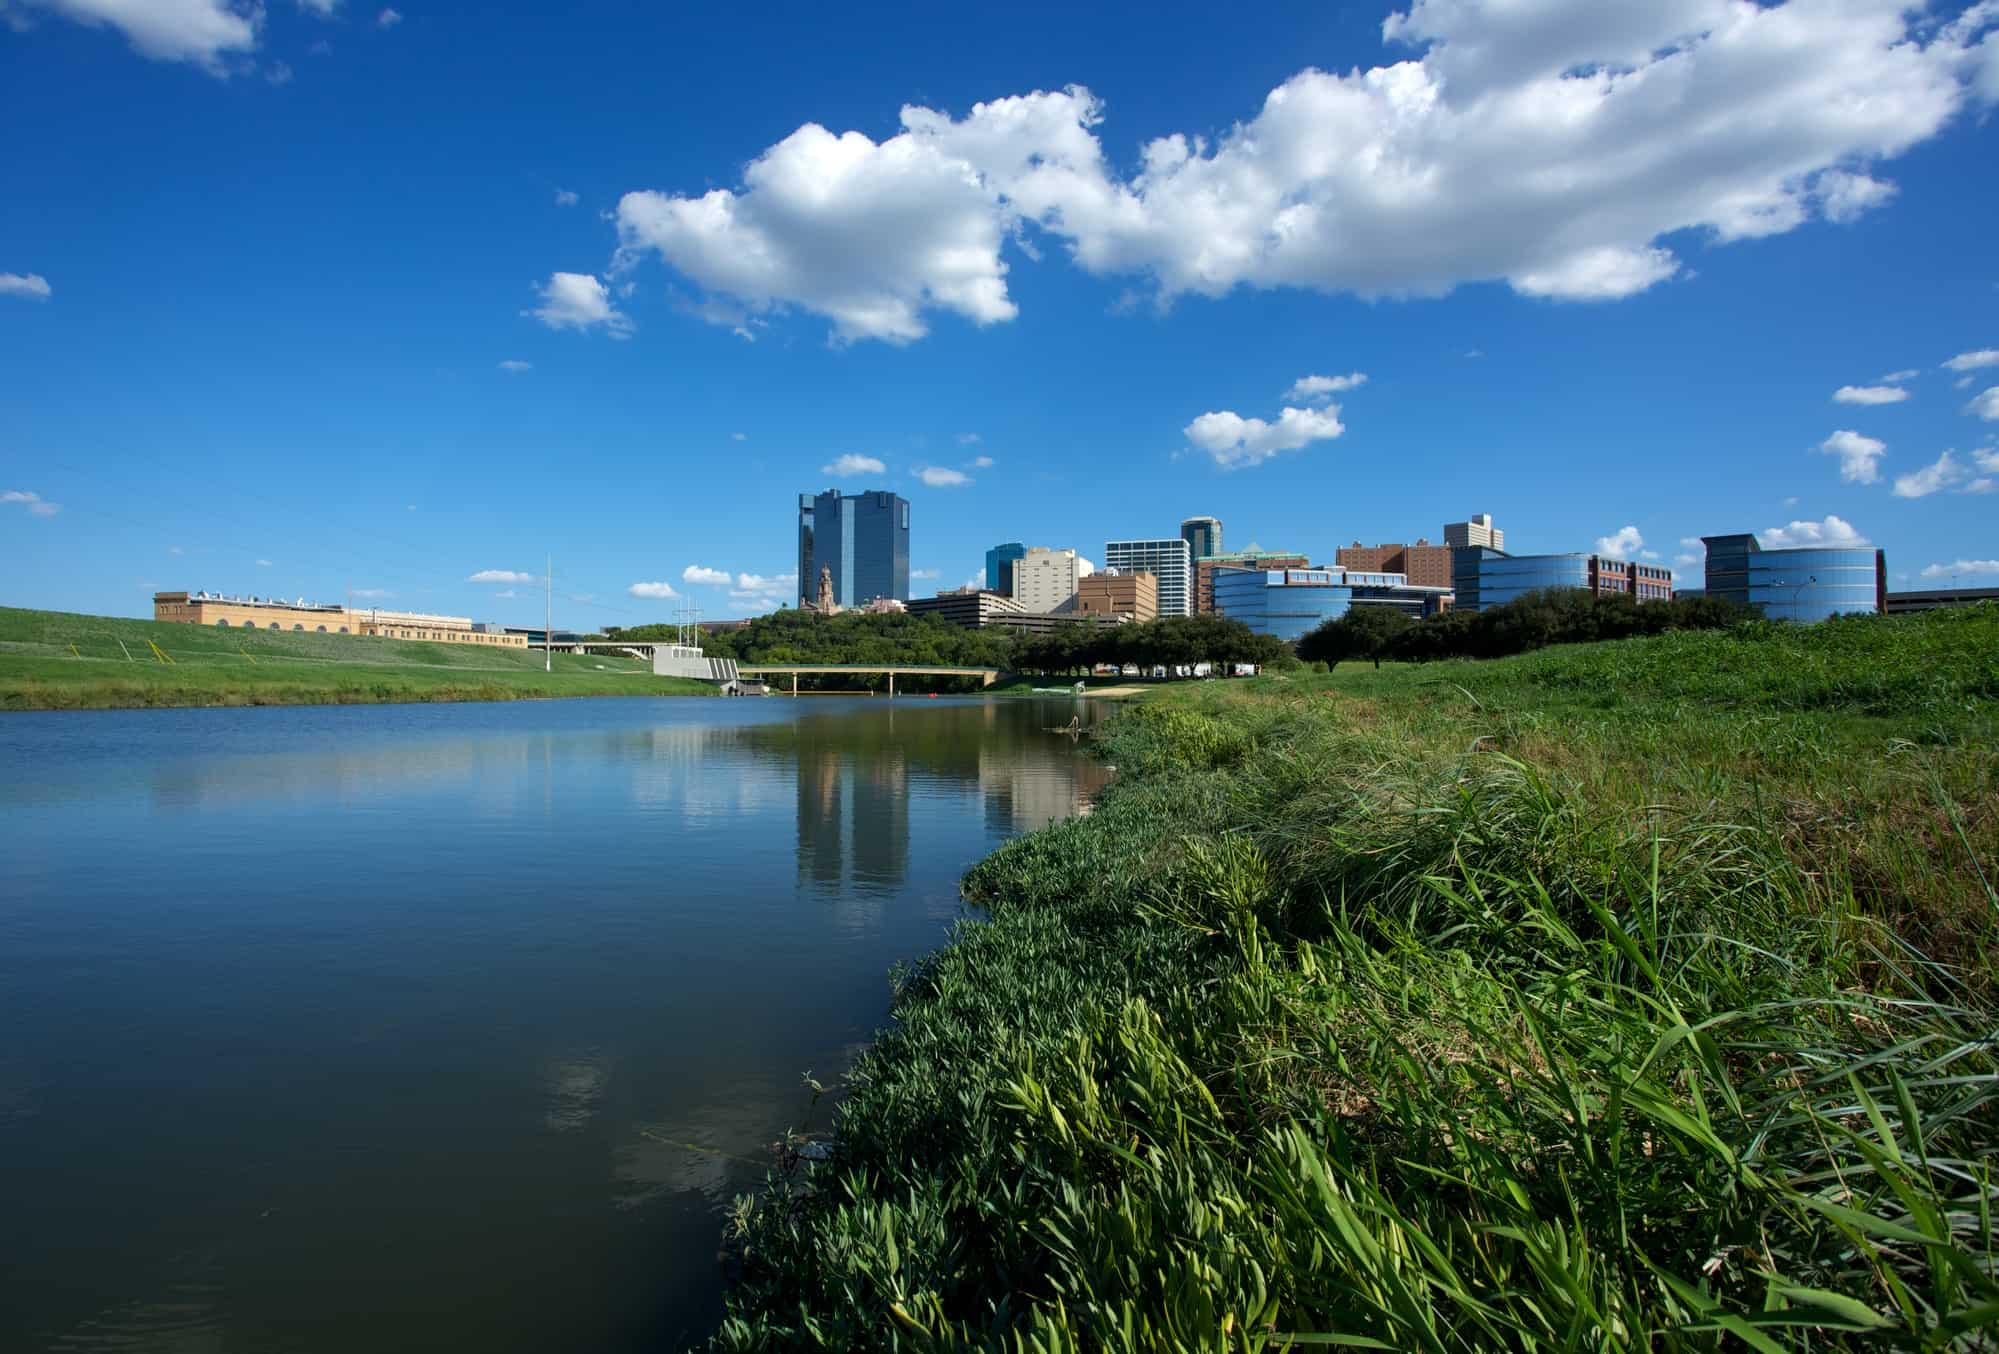 Fort Worth